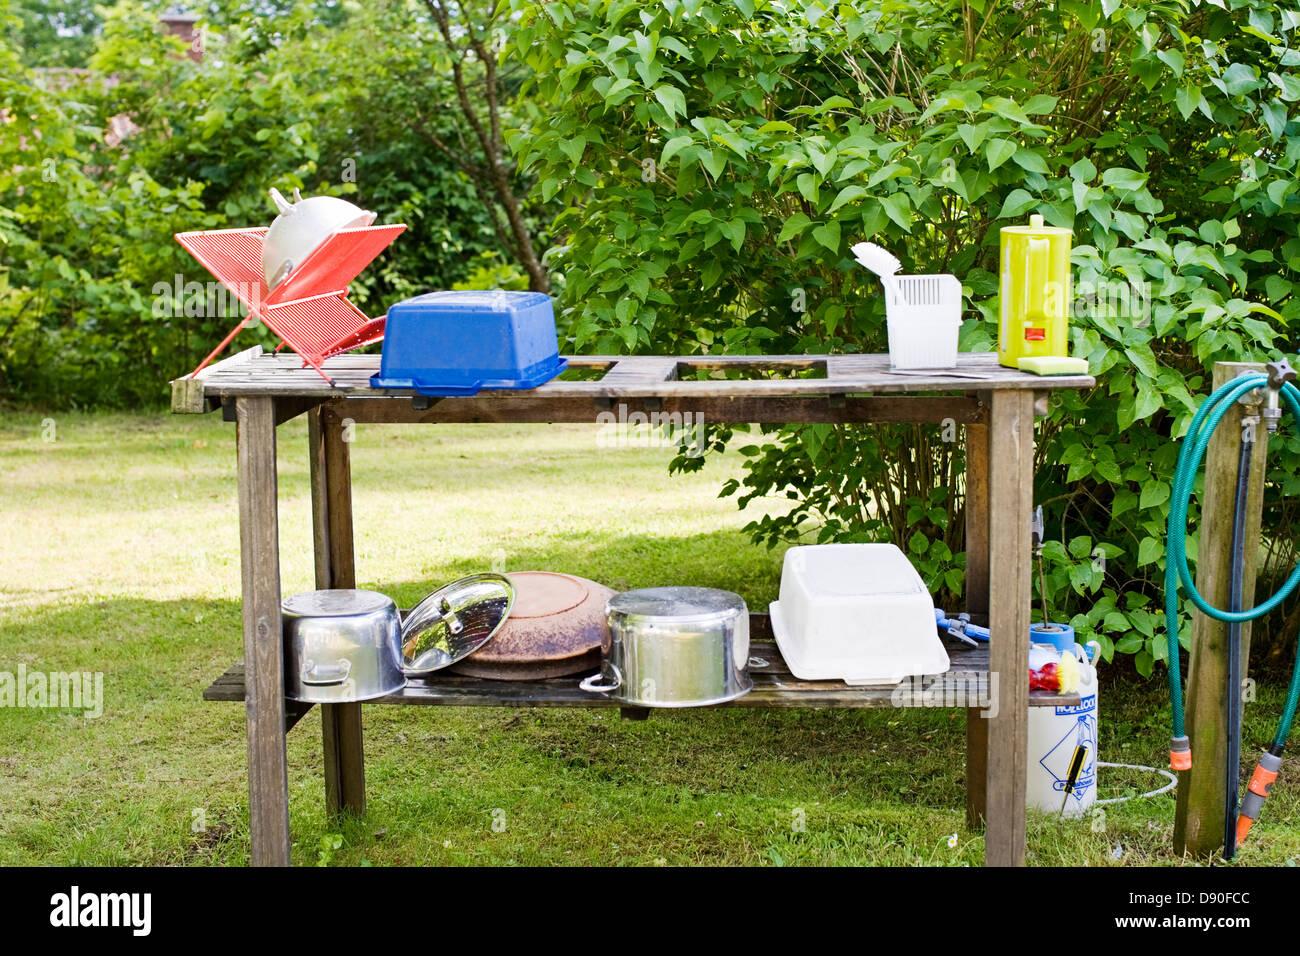 Kitchen utensils kept outdoors for drying - Stock Image